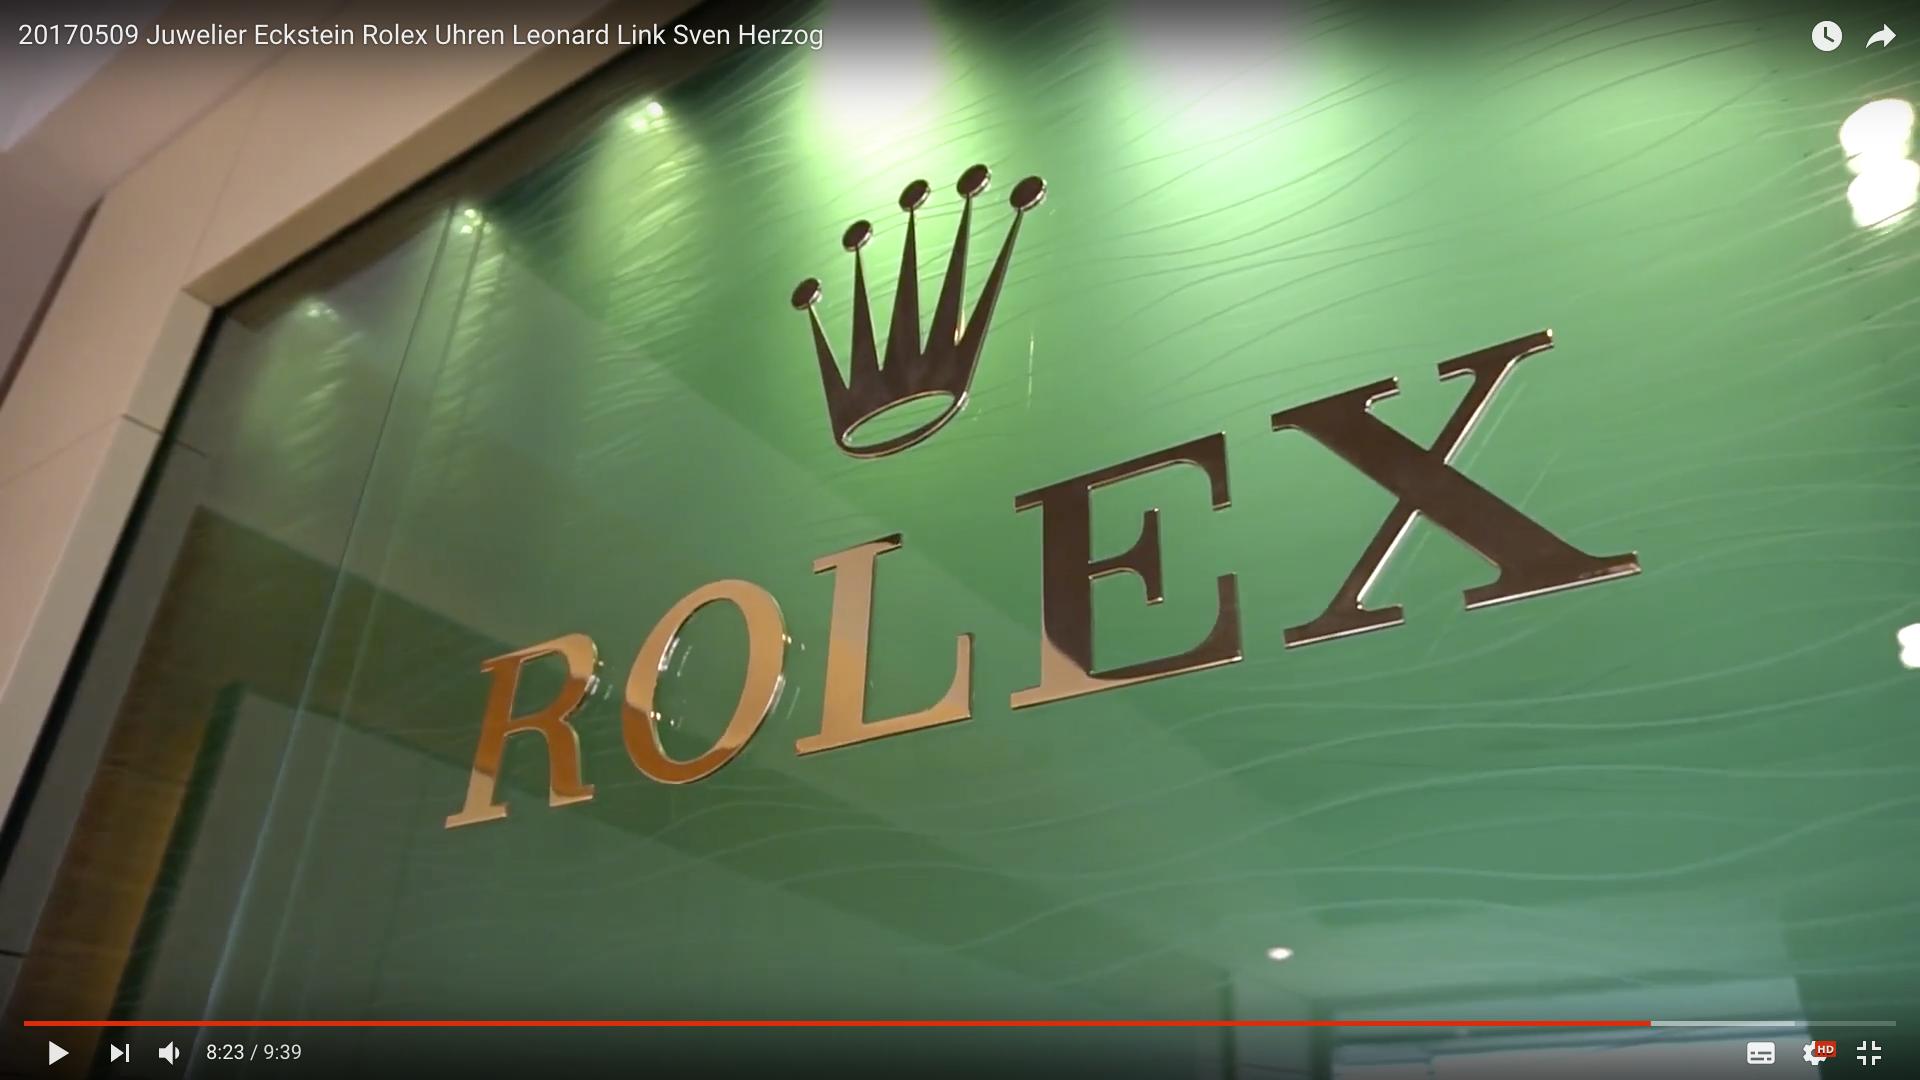 2017 Juwelier Eckstein Rolex Uhren Rolex Logo_MSM_MEDIEN_SAAR_MOSEL_SAARLAND_FERNSEHEN_1_ED_SAAR